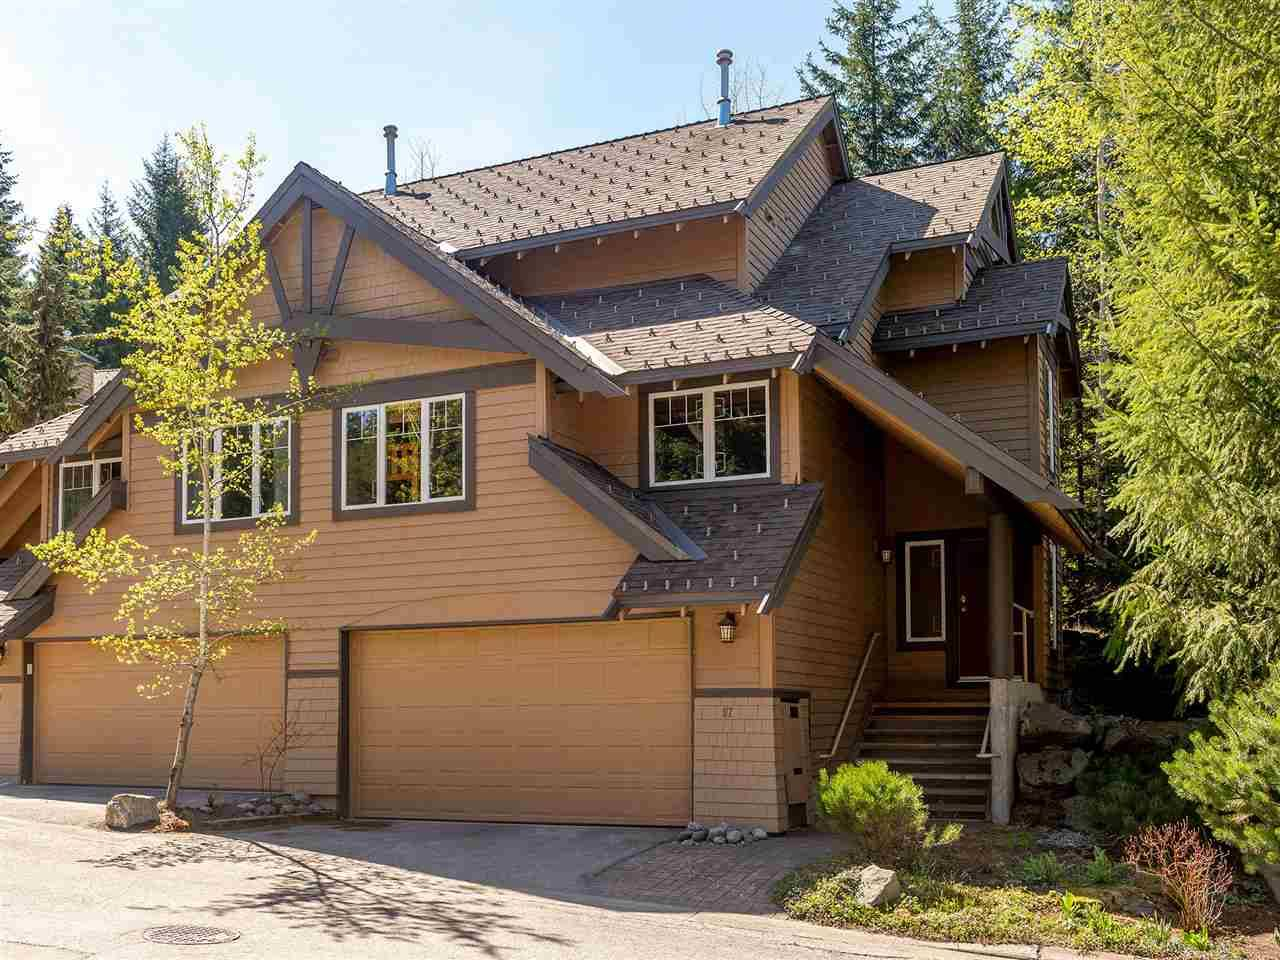 Buliding: 2641 Whistler Road, Whistler, BC